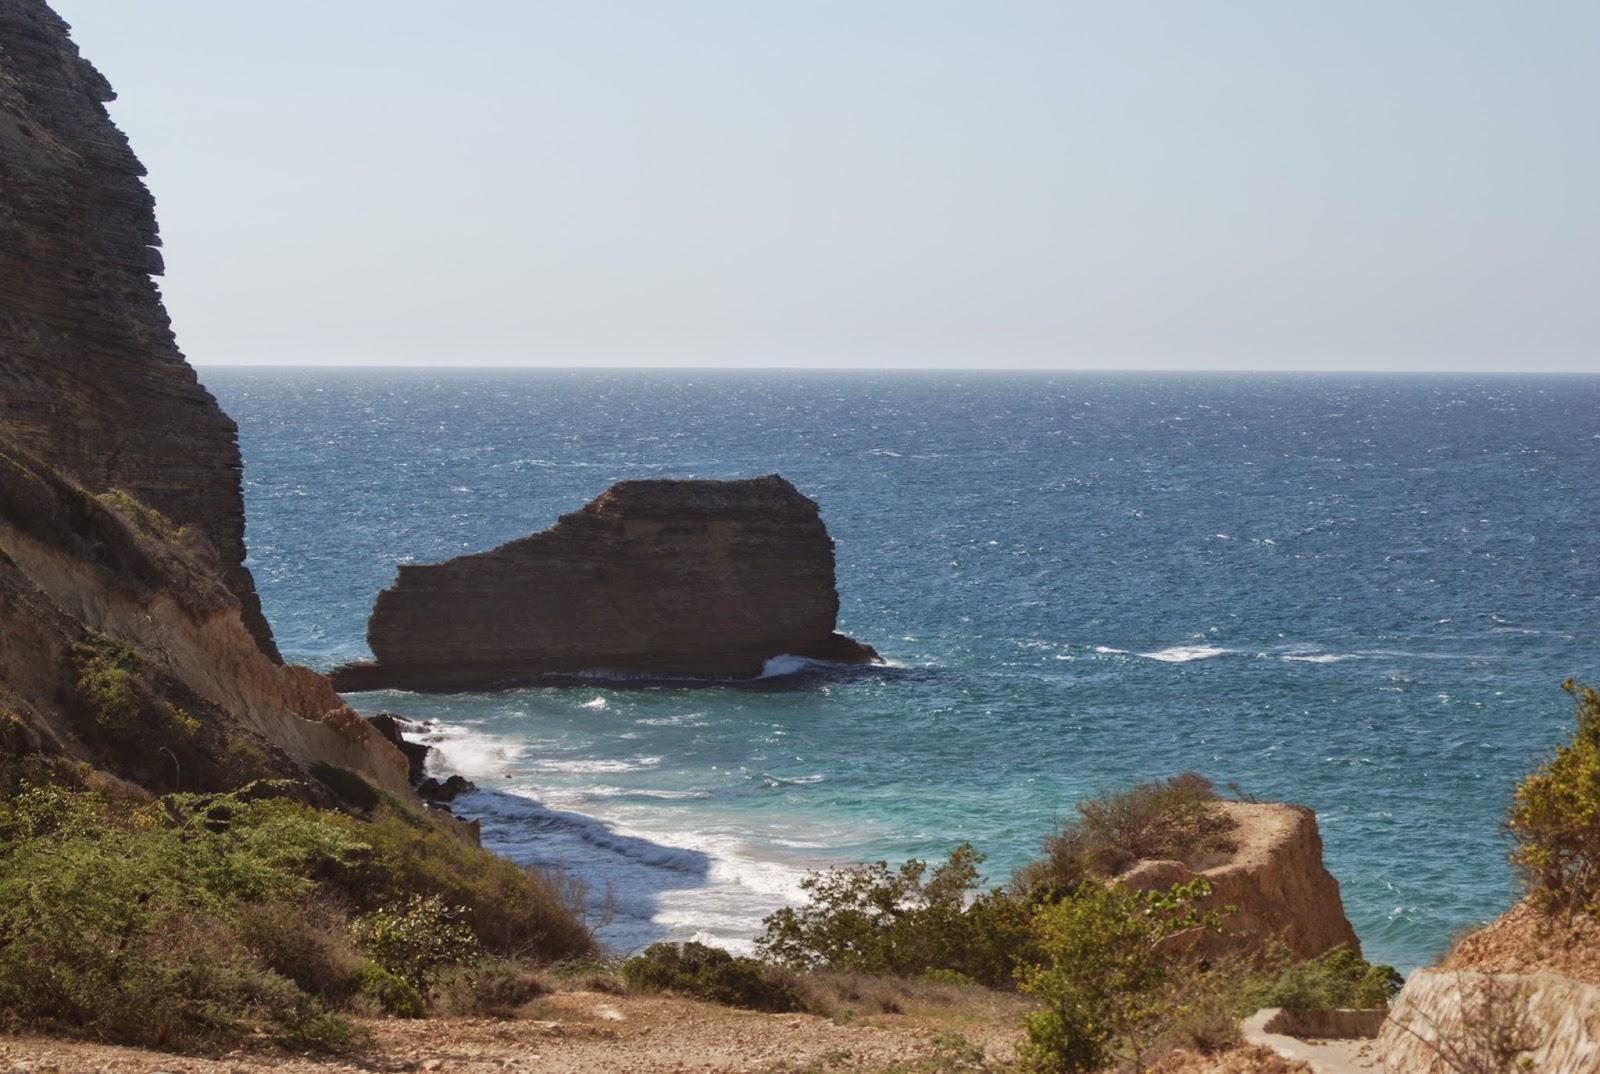 Una simbiosis de mar y tierra. Foto: Manuel Caraballo Núñez